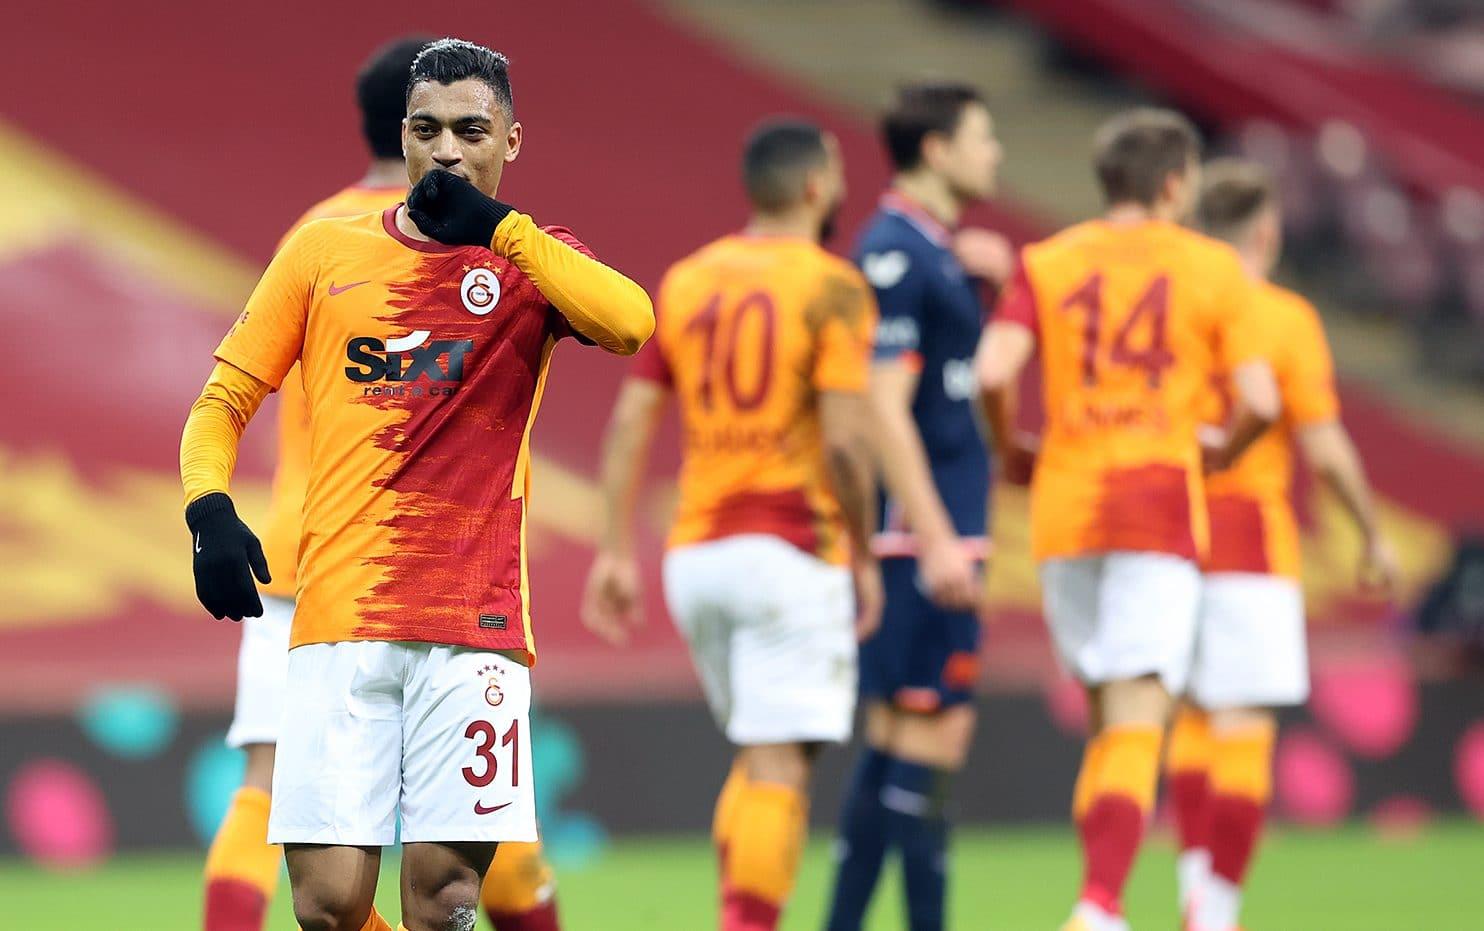 تطورات جديدة على انتقال مصطفى محمد إلى نادي بوردو الفرنسي